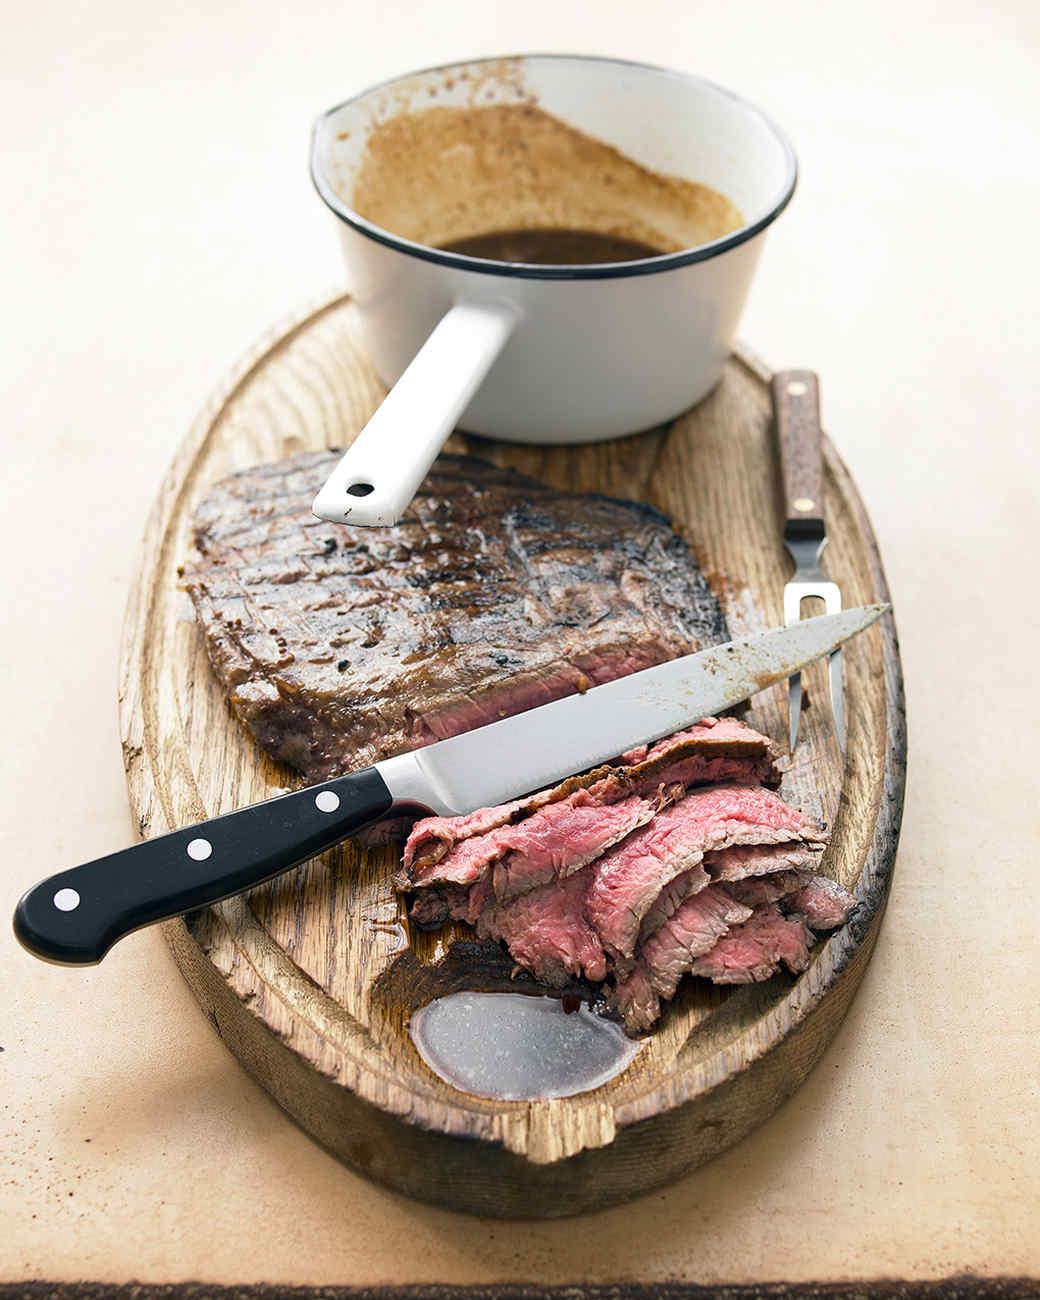 edf_jun06_wkd_steak.jpg